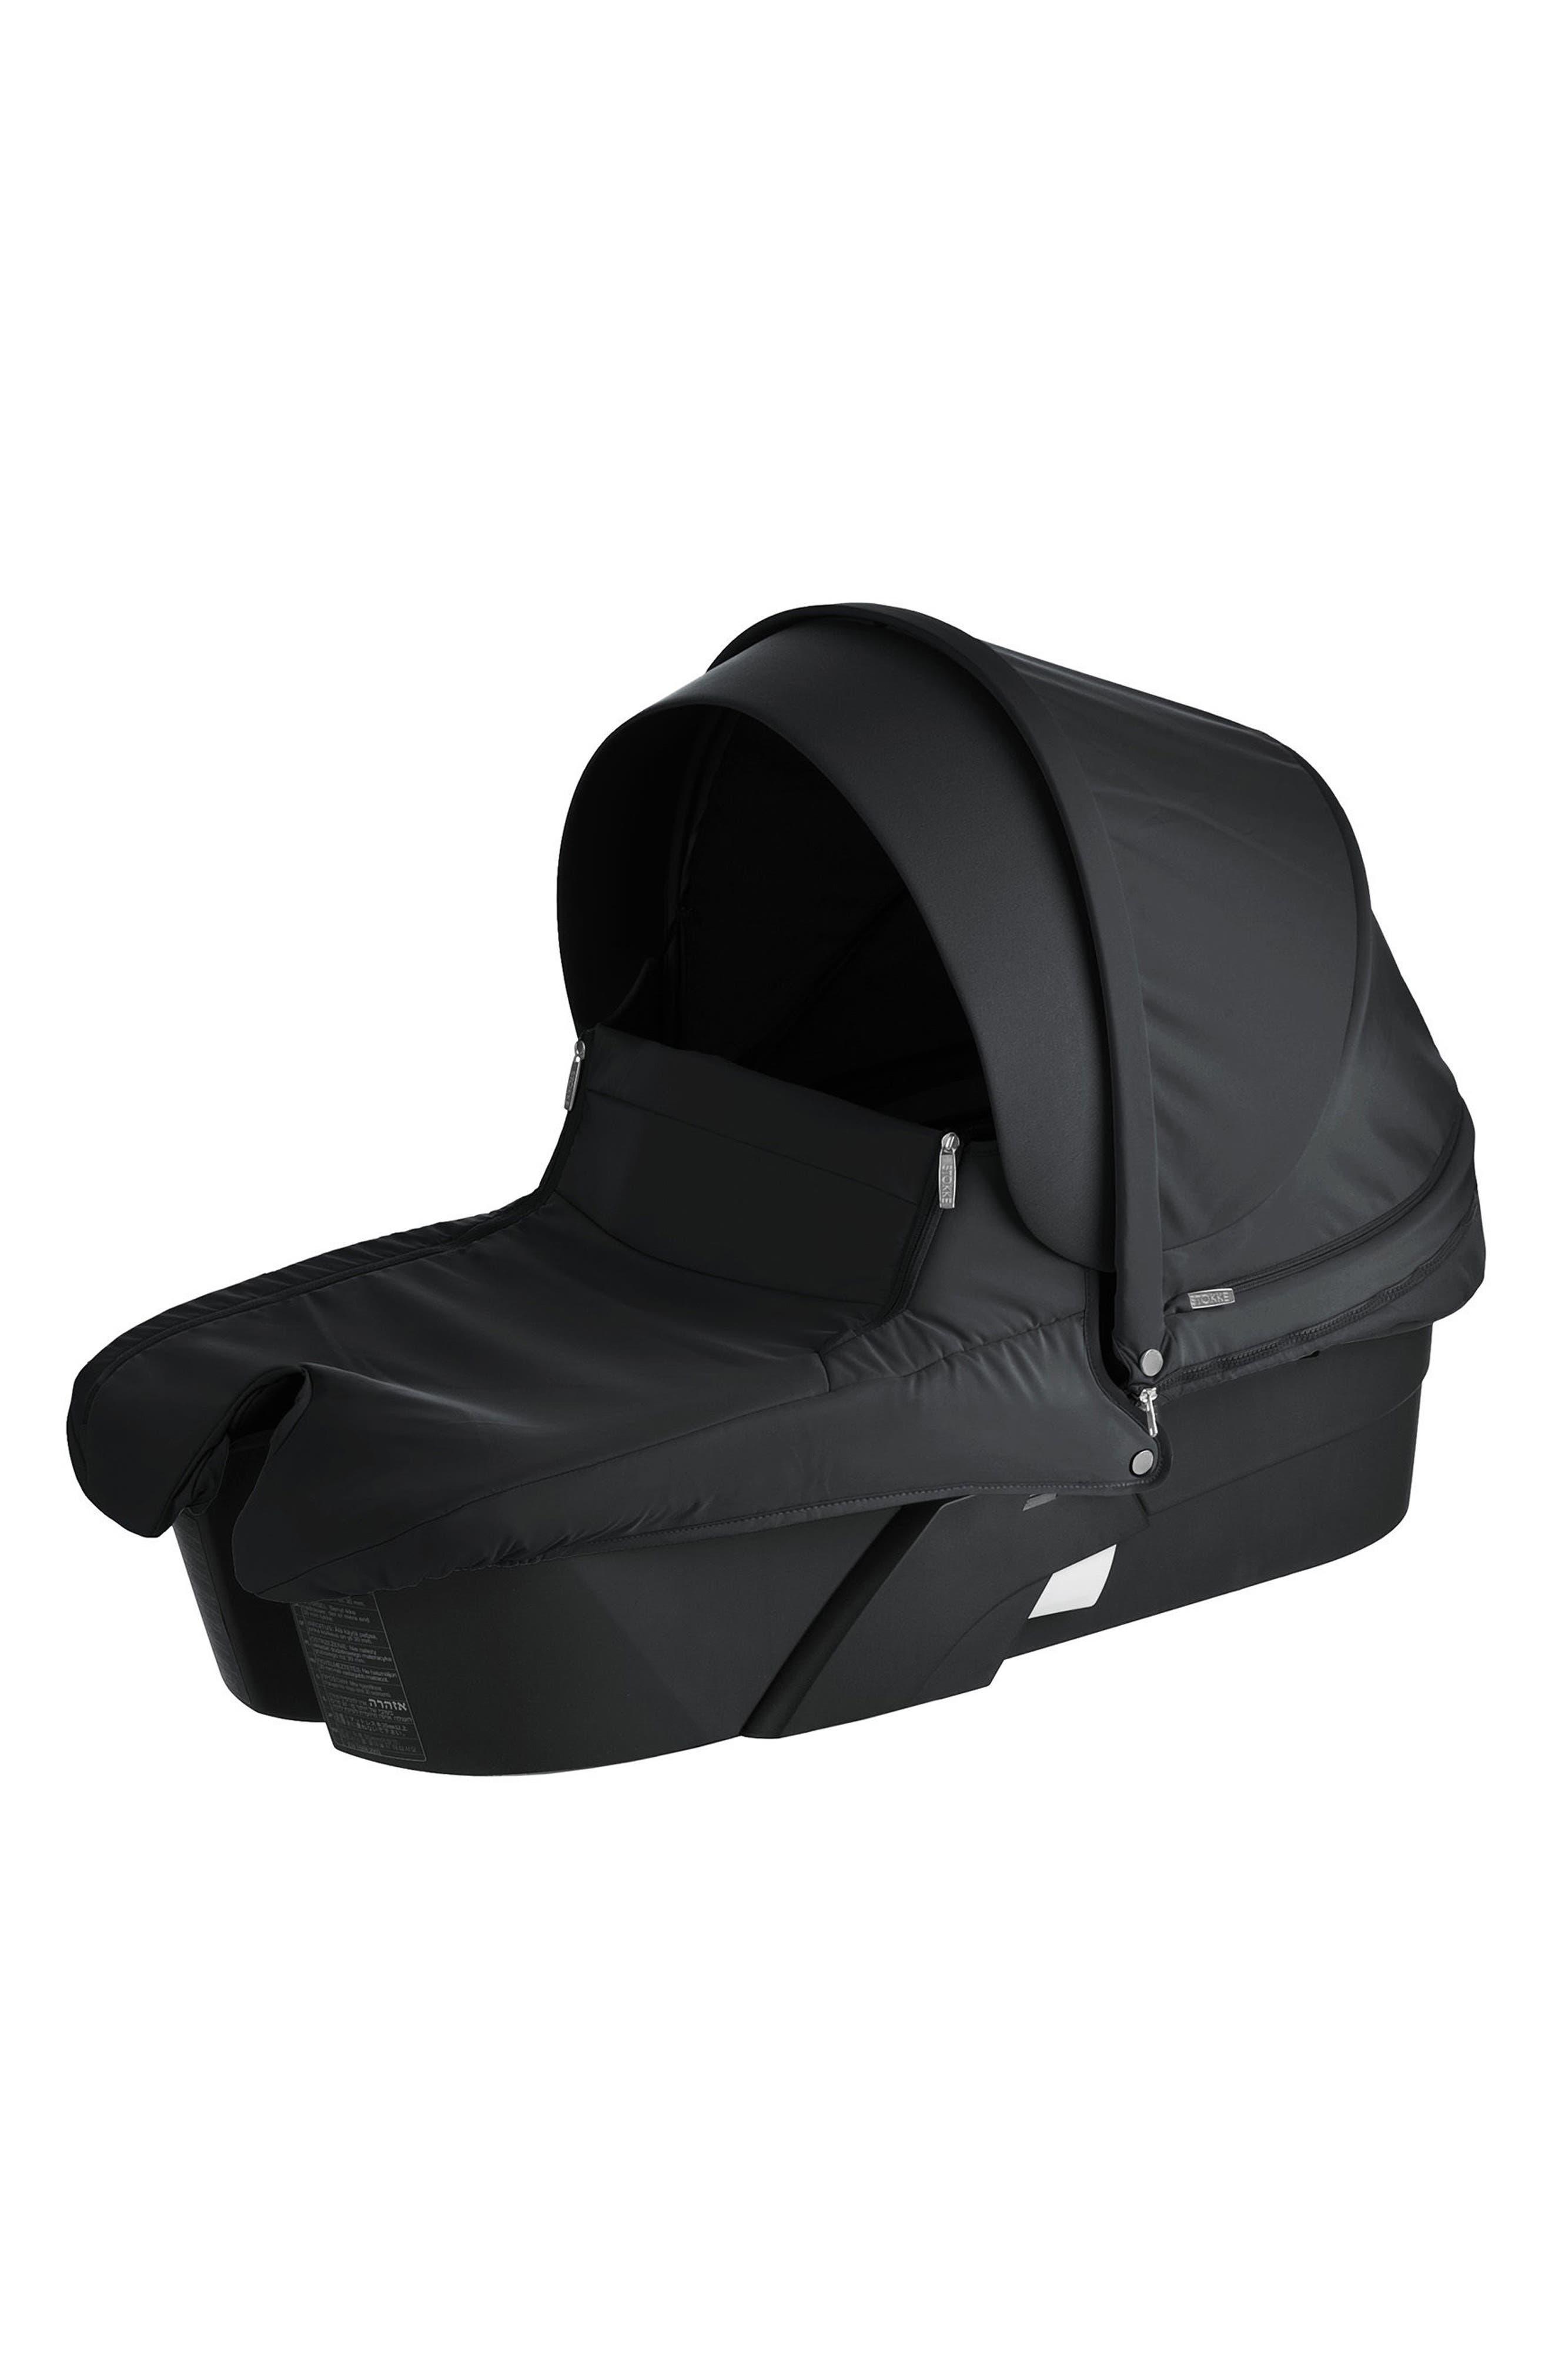 Alternate Image 1 Selected - Stokke Xplory® Black Frame Stroller Carry Cot